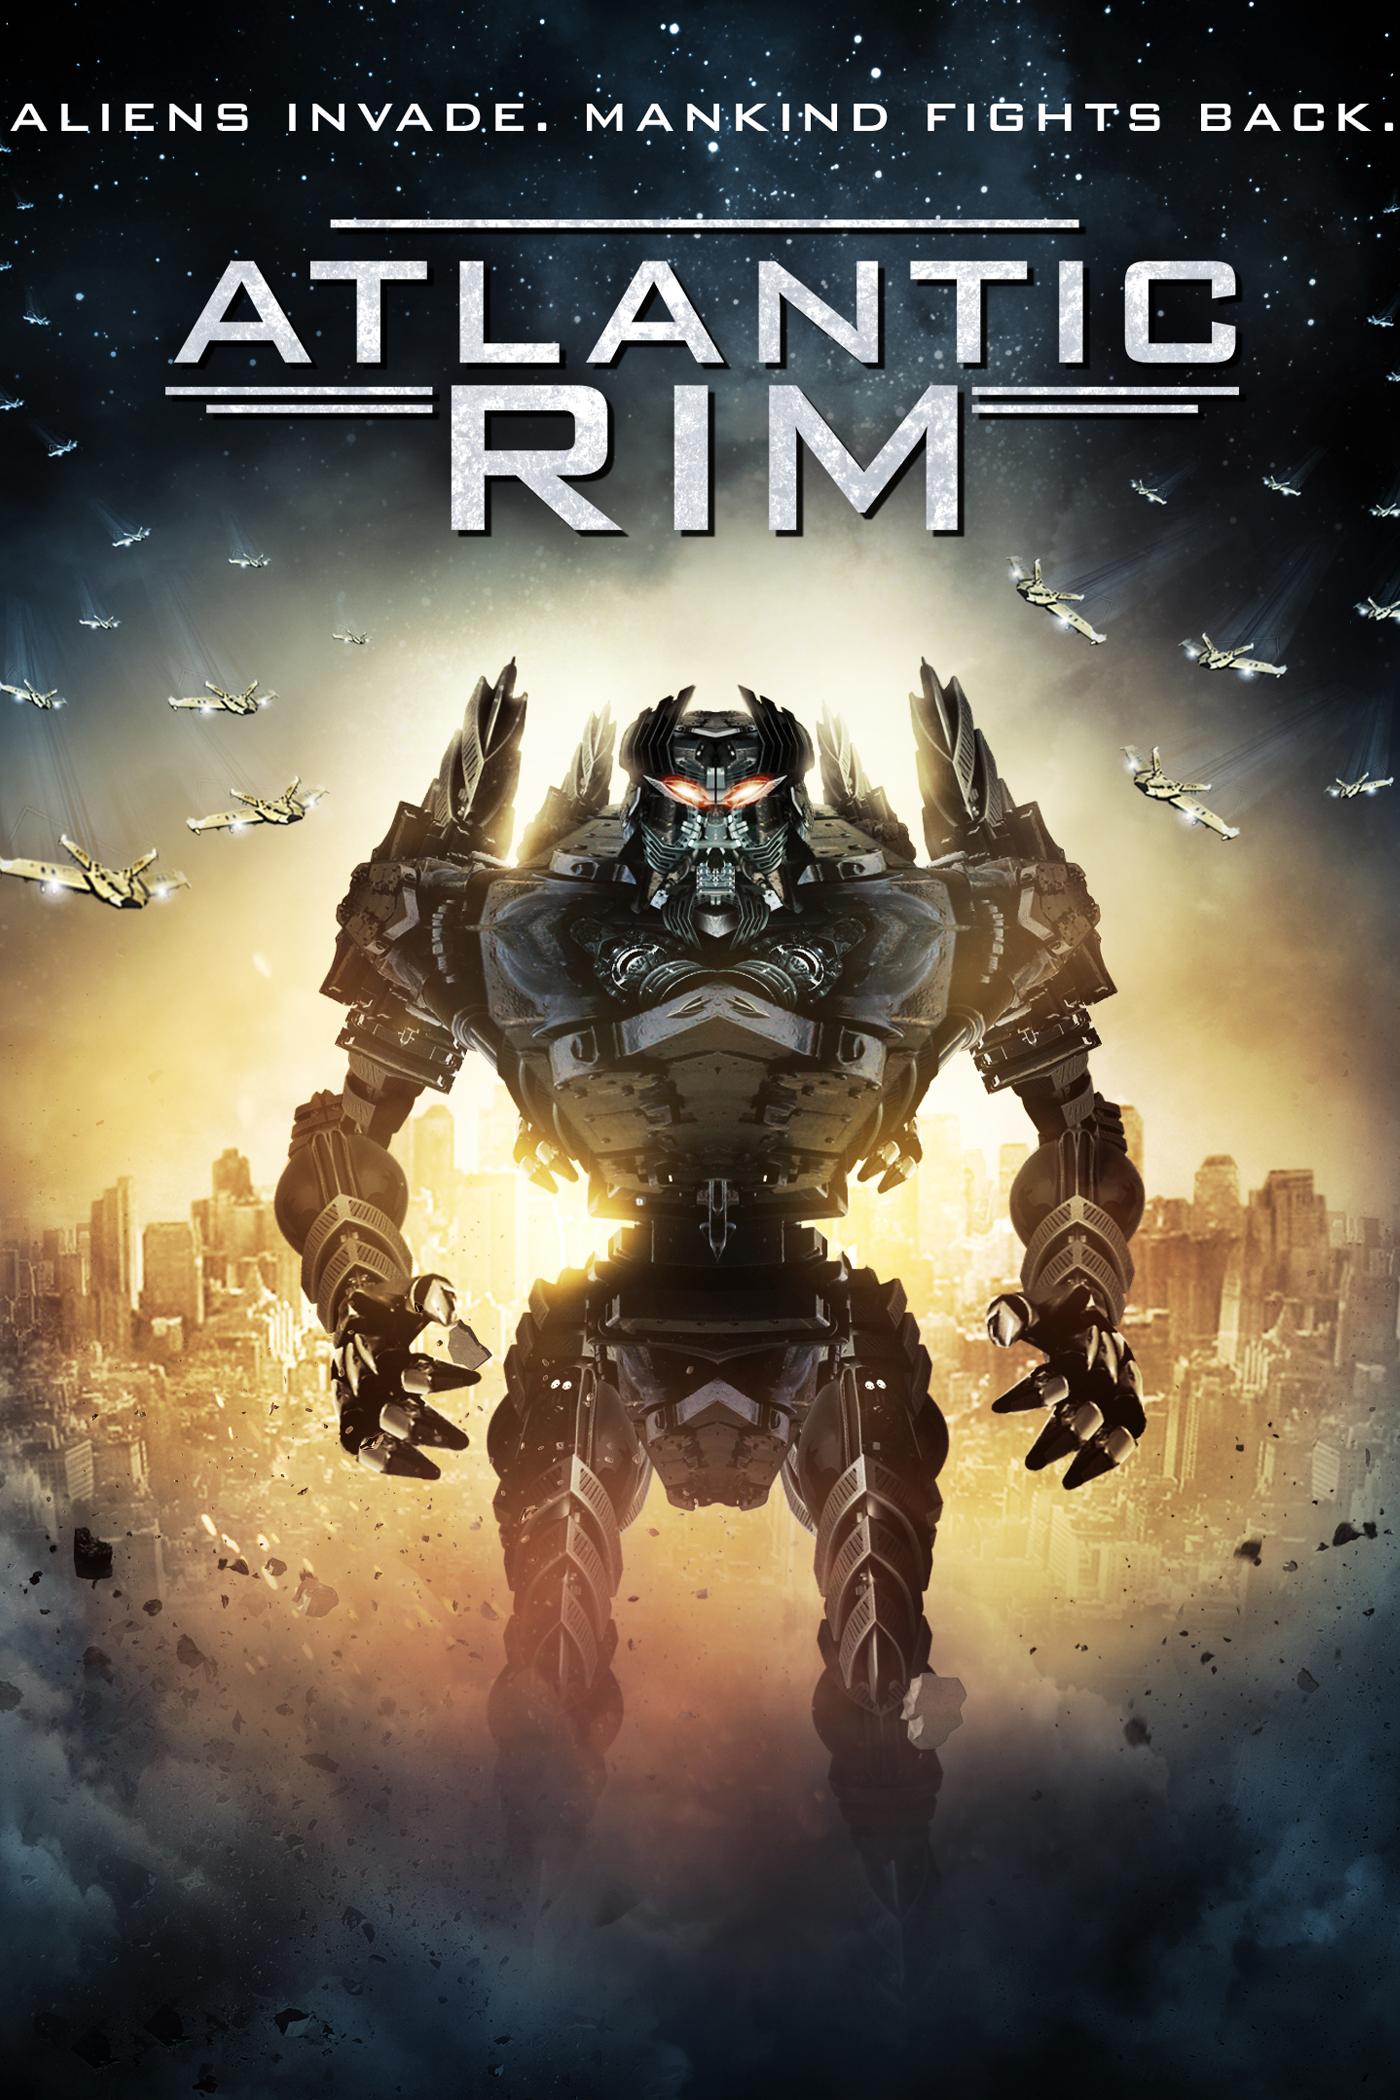 Atlantic Rim Film